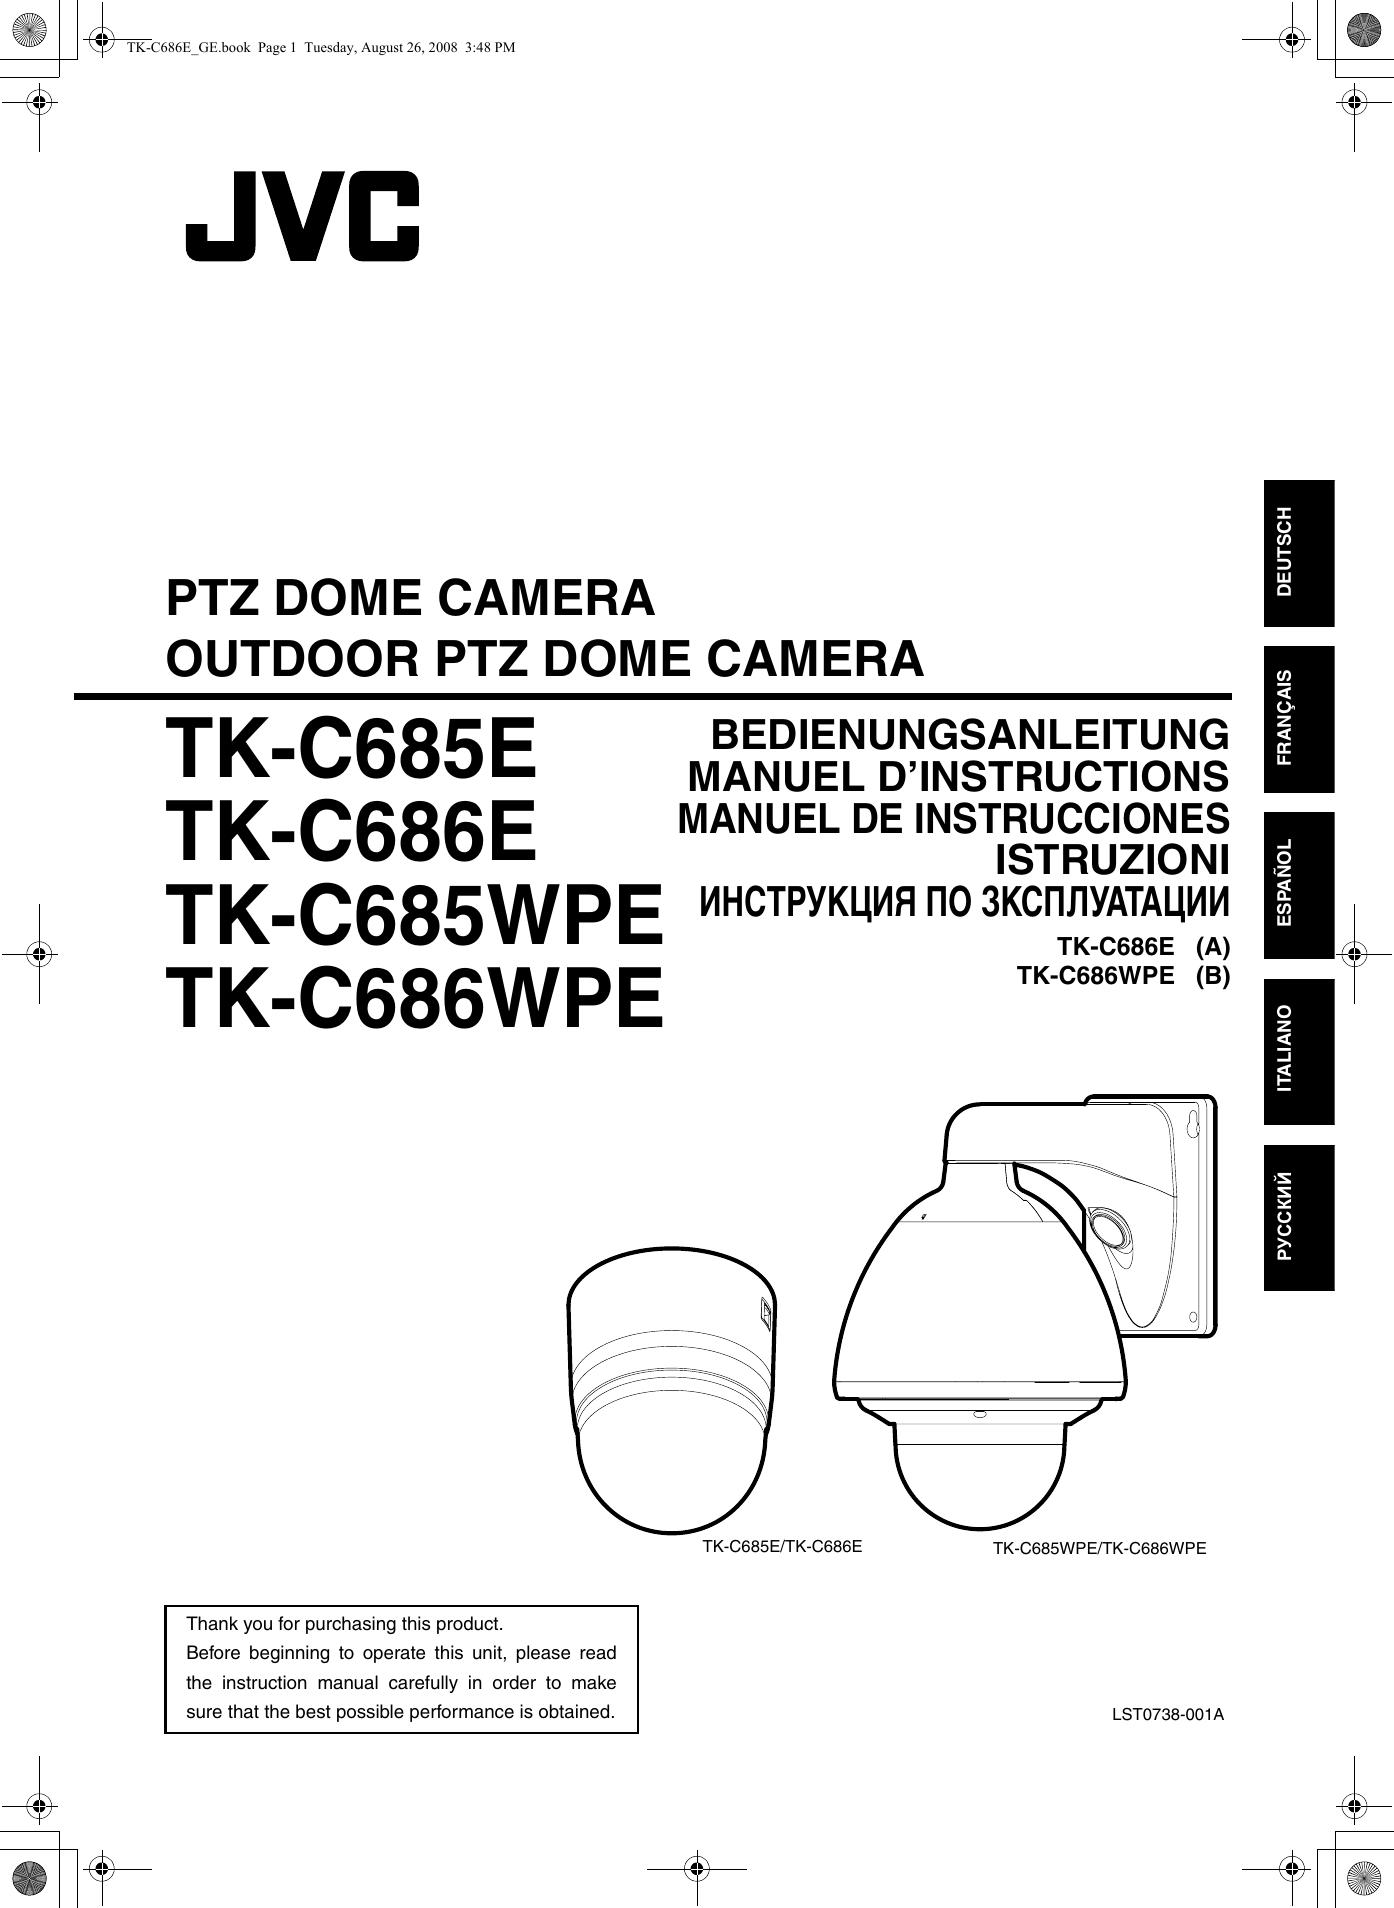 jvc tk c685e c685e c685wpe c686e c686wpe user manual c685e c685wpe